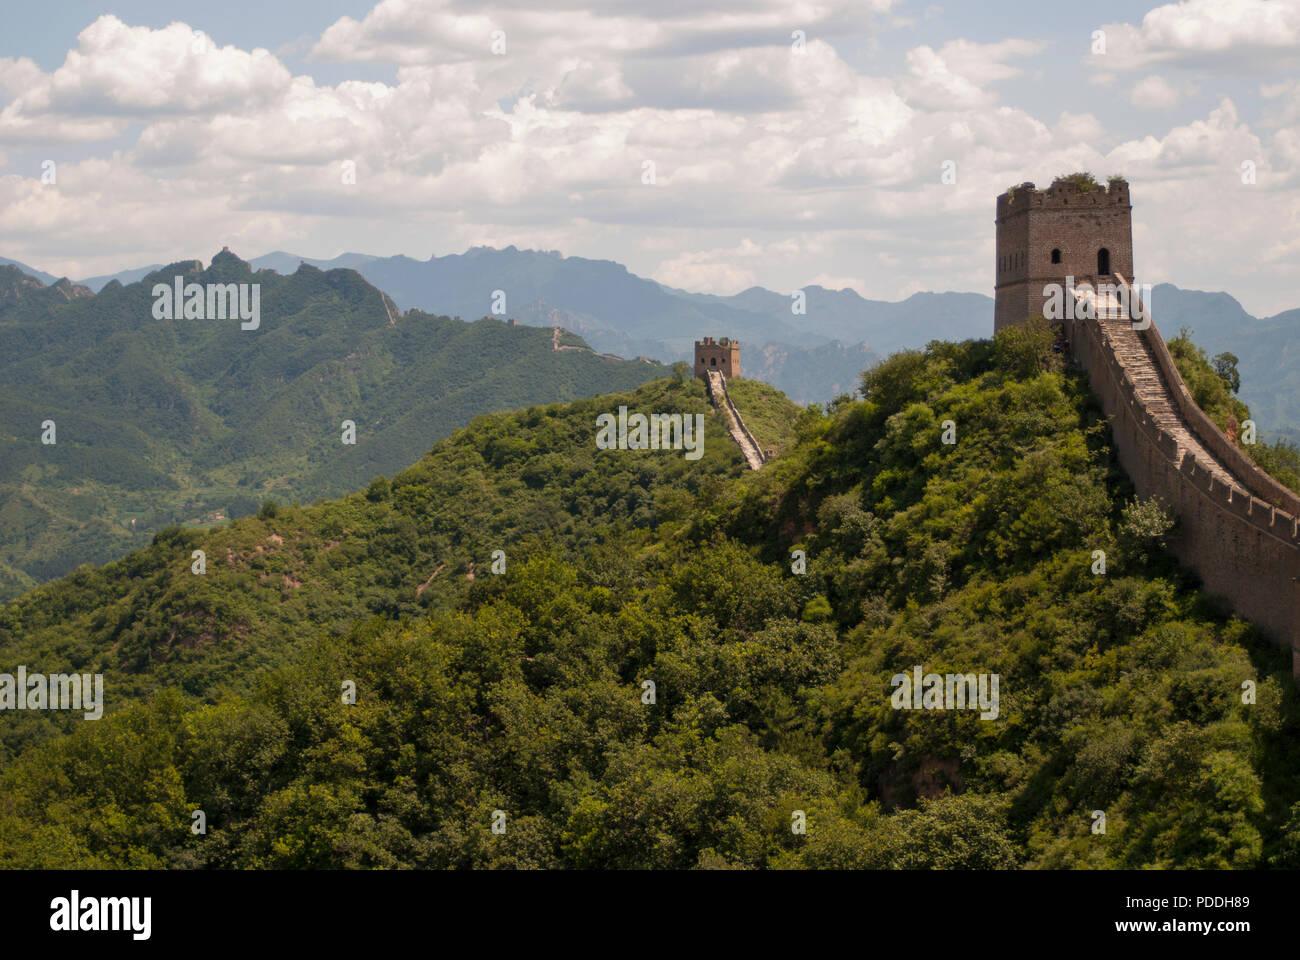 La Gran Muralla de China en tour caminando Jinshanling, una ruta de senderismo popular y una de las piezas mejor conservadas de la Gran Muralla con muchas características originales. Imagen De Stock